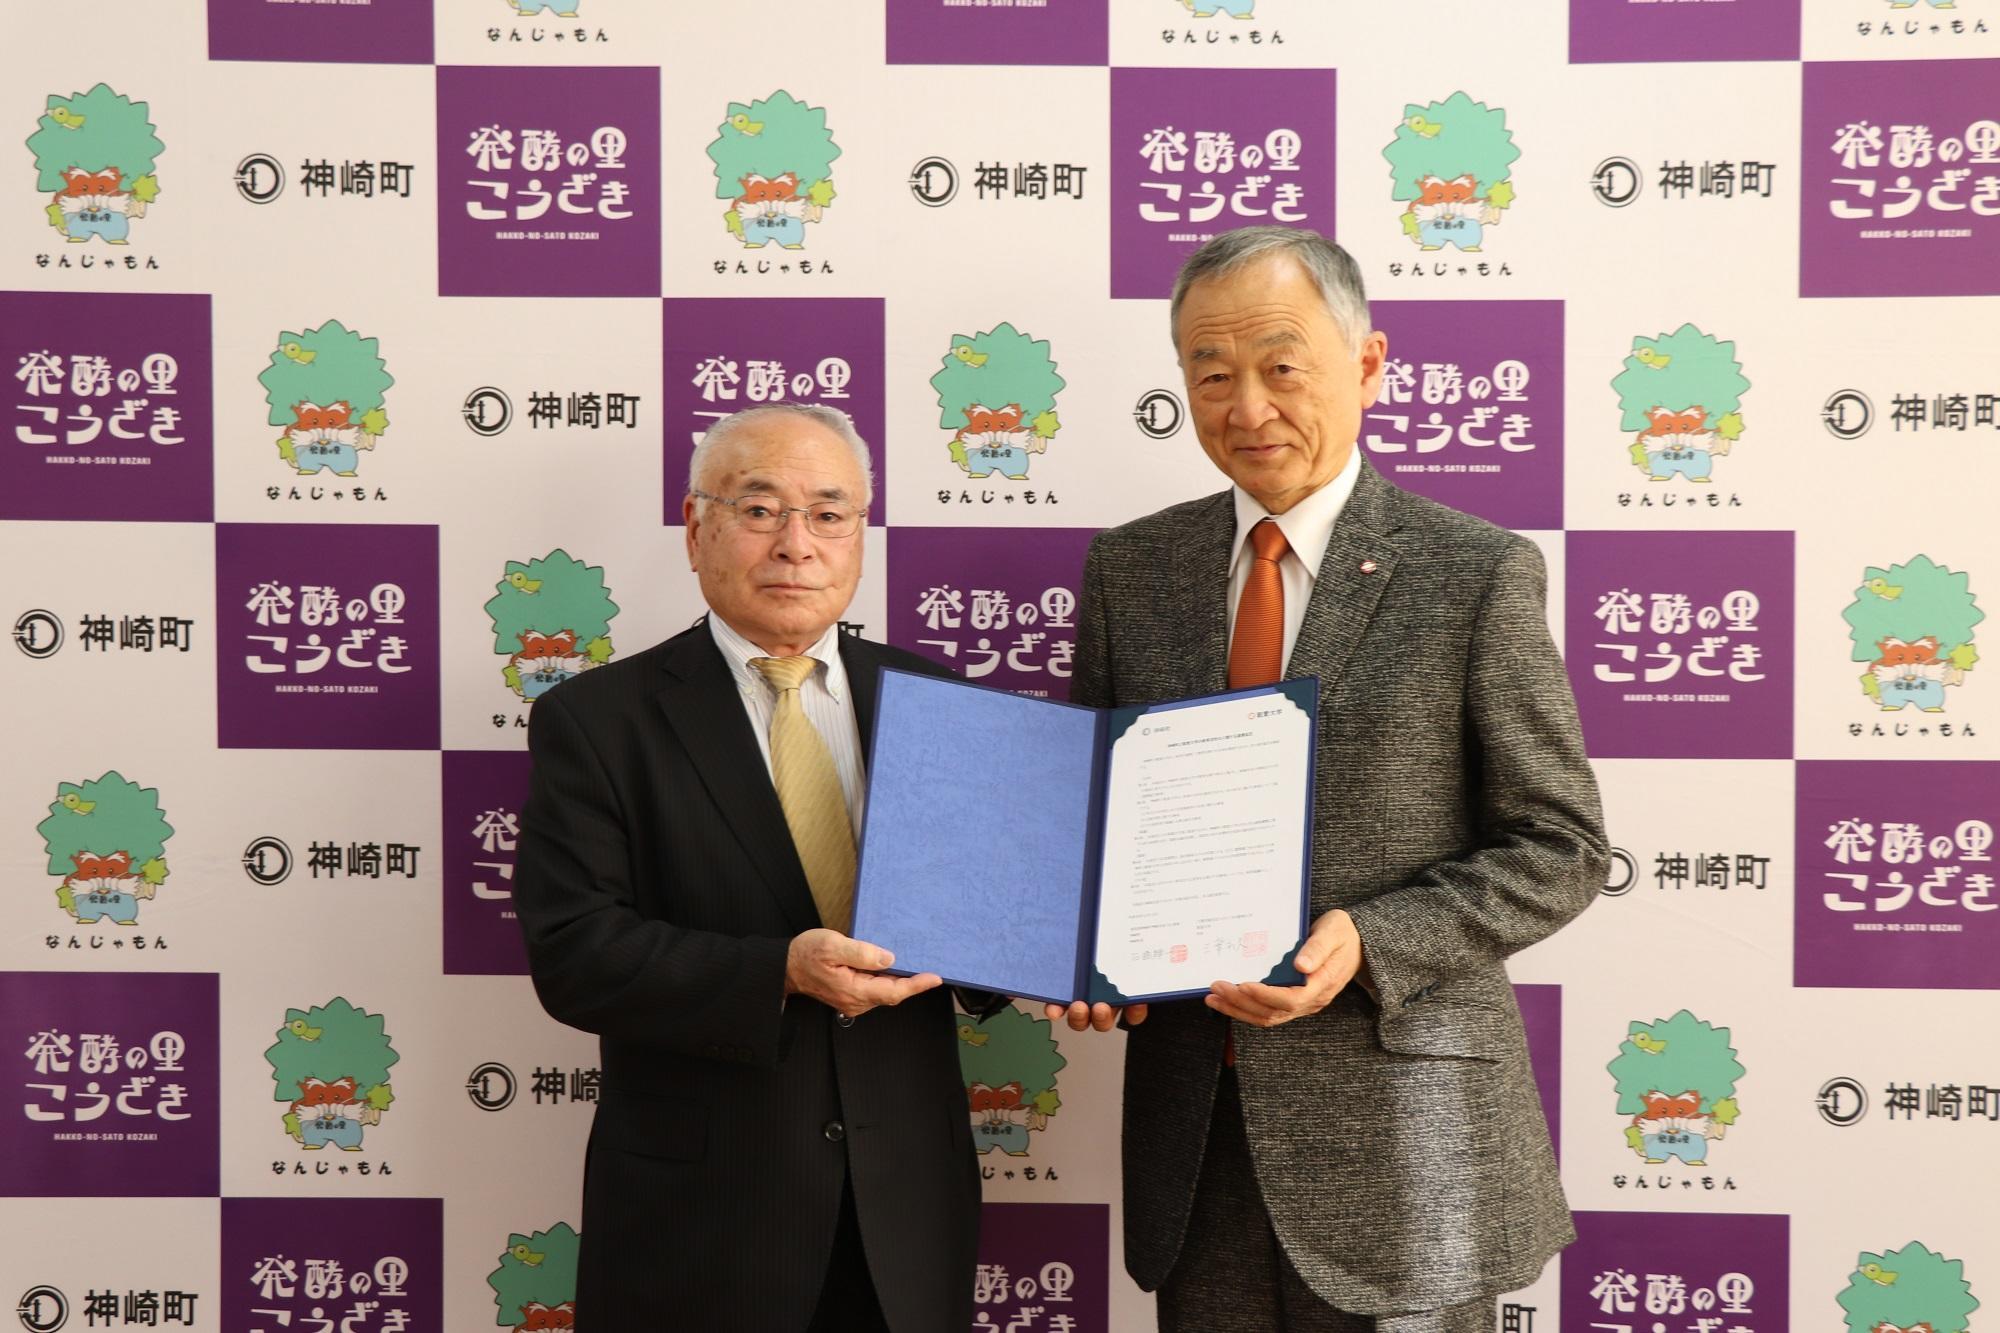 敬愛大学が千葉県神崎町と教育活性化に関する連携協定を締結 -- 小学校の英語教育や生涯学習などで協力